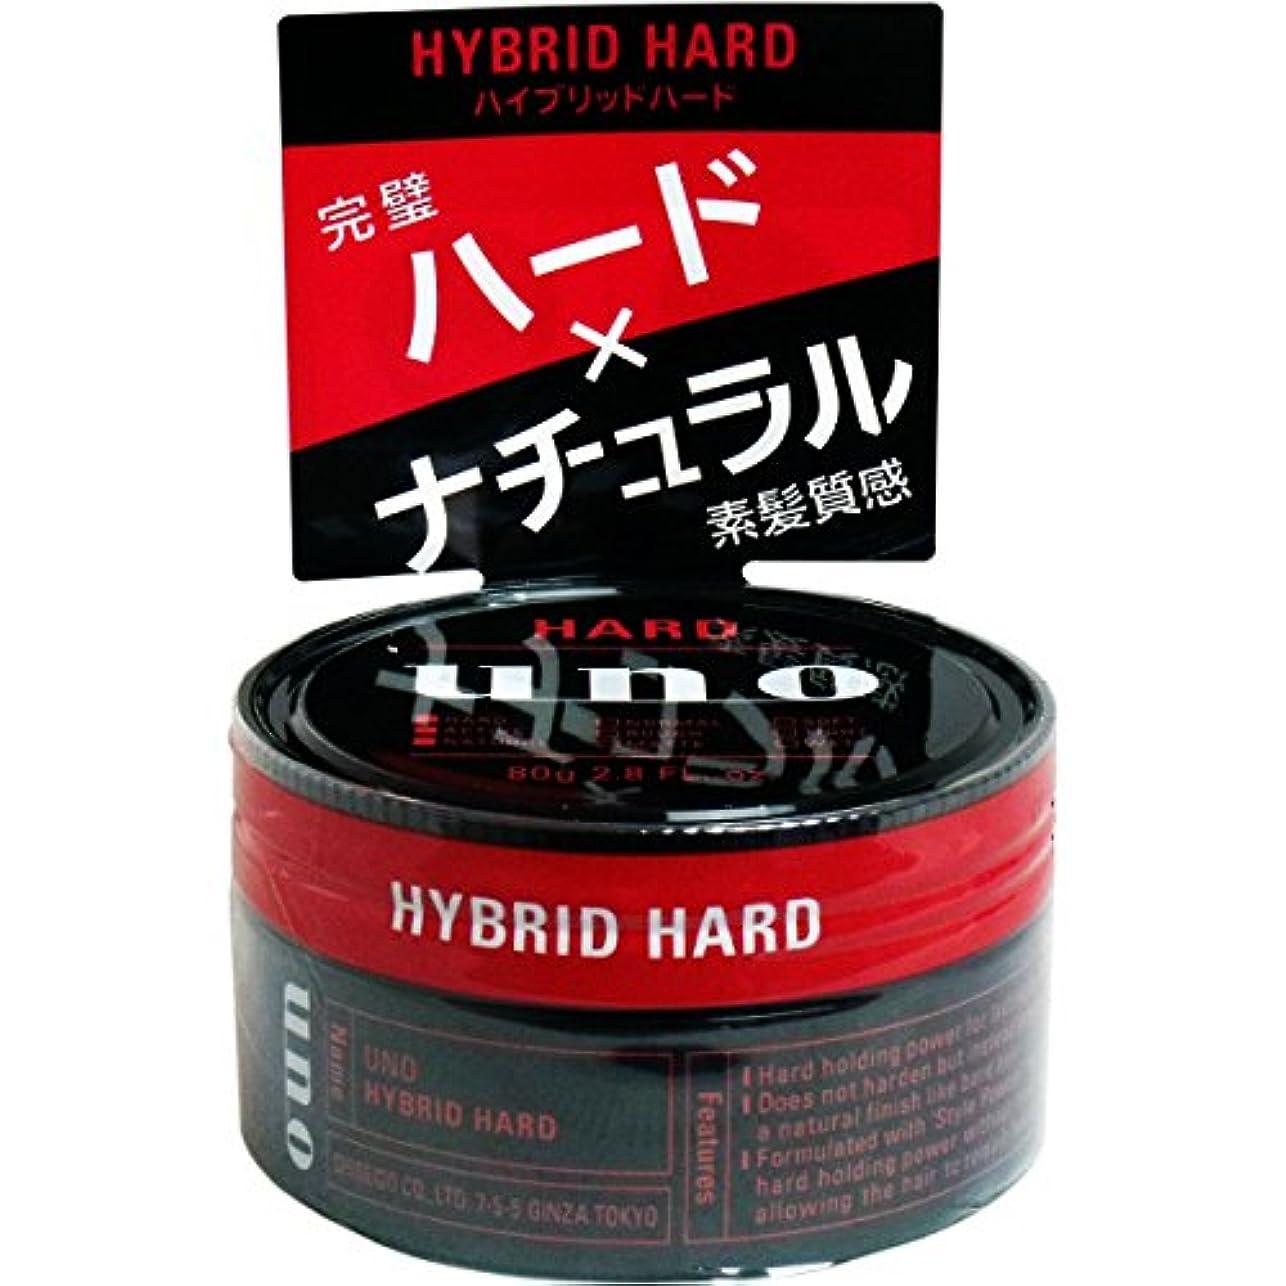 ロール改革証明するウーノ ハイブリッドハード 80g ワックス×4